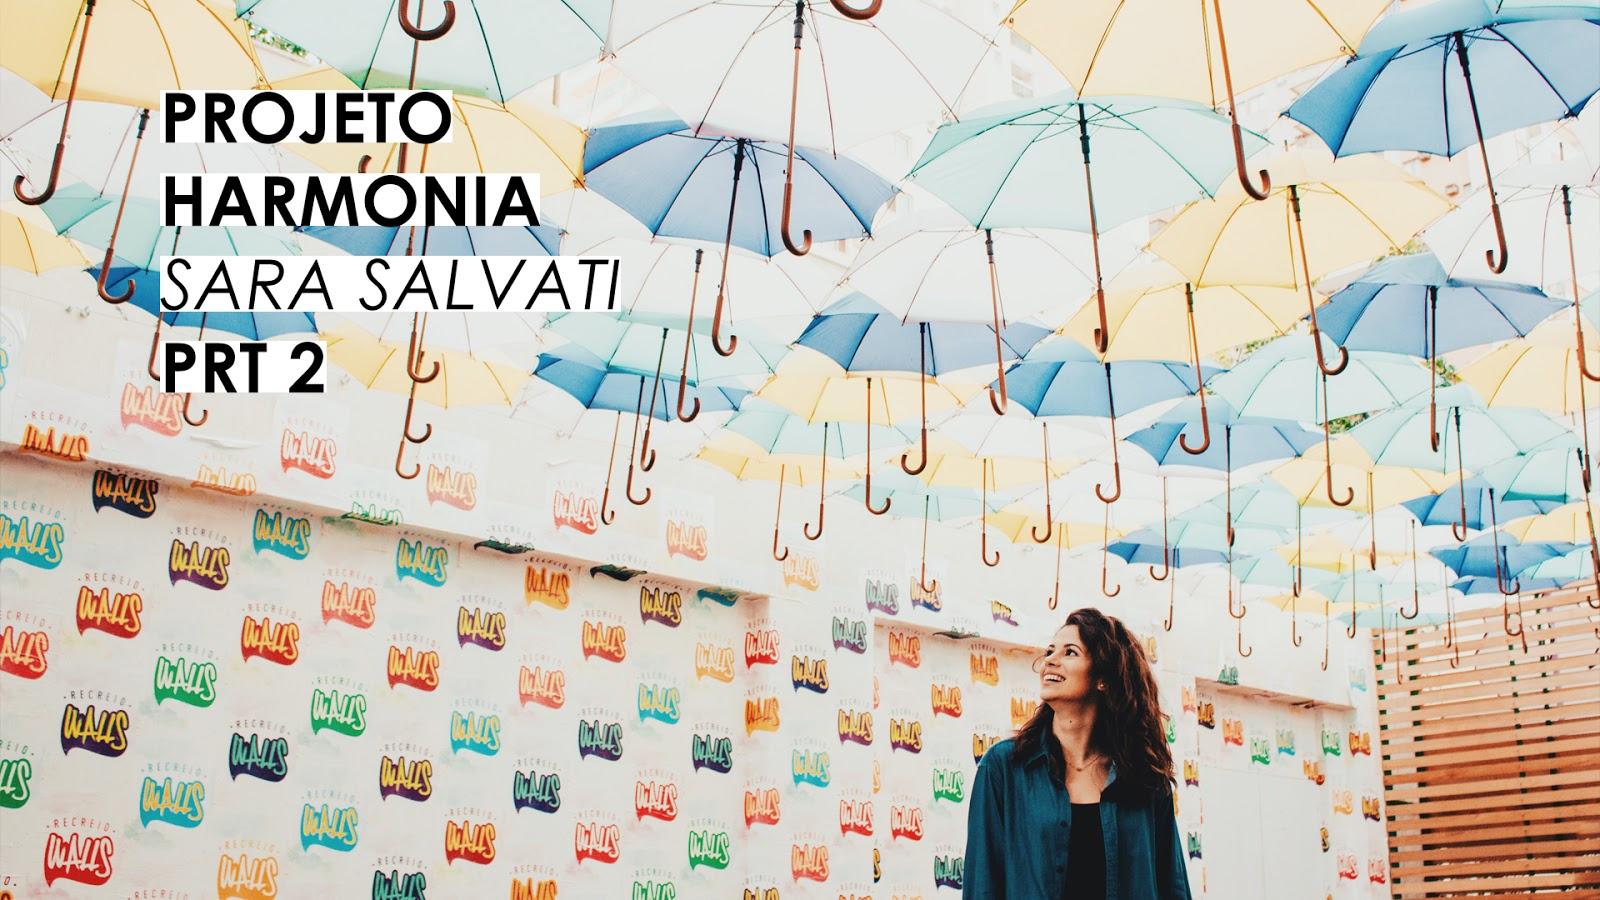 PROJETO HARMONIA (EP. 2): Sara Salvati - PRT 2